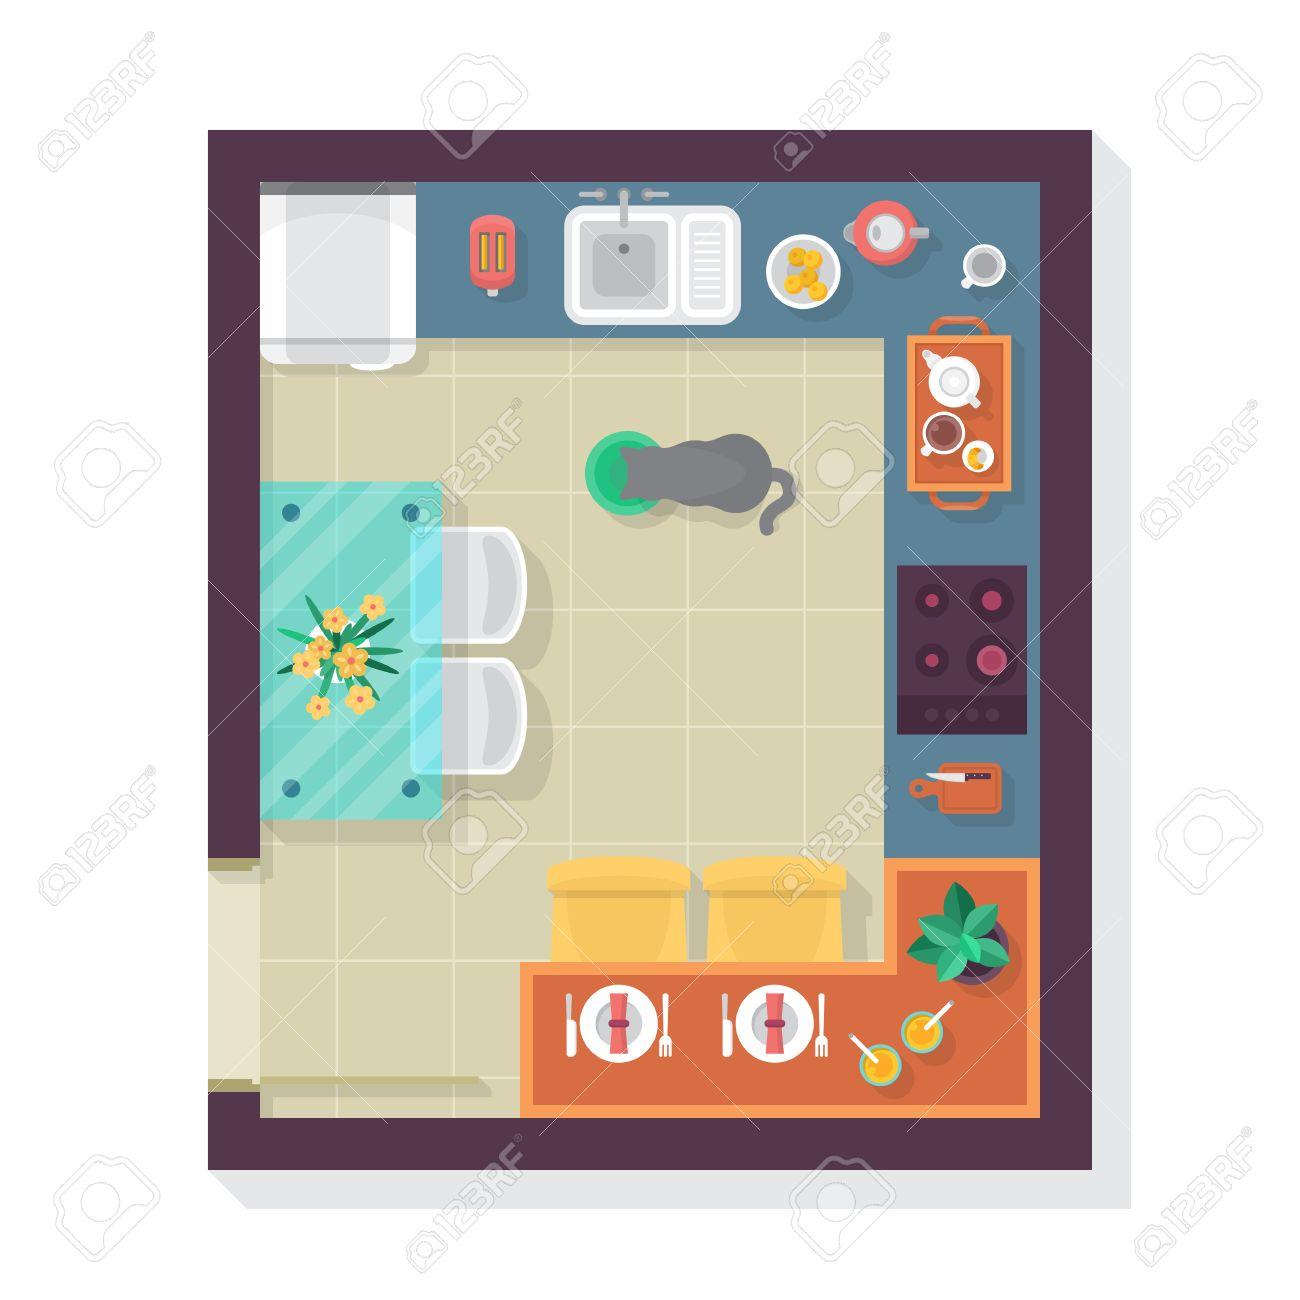 Plan De Piso De La Cocina Vista Desde Arriba. Juego De Muebles Para ...